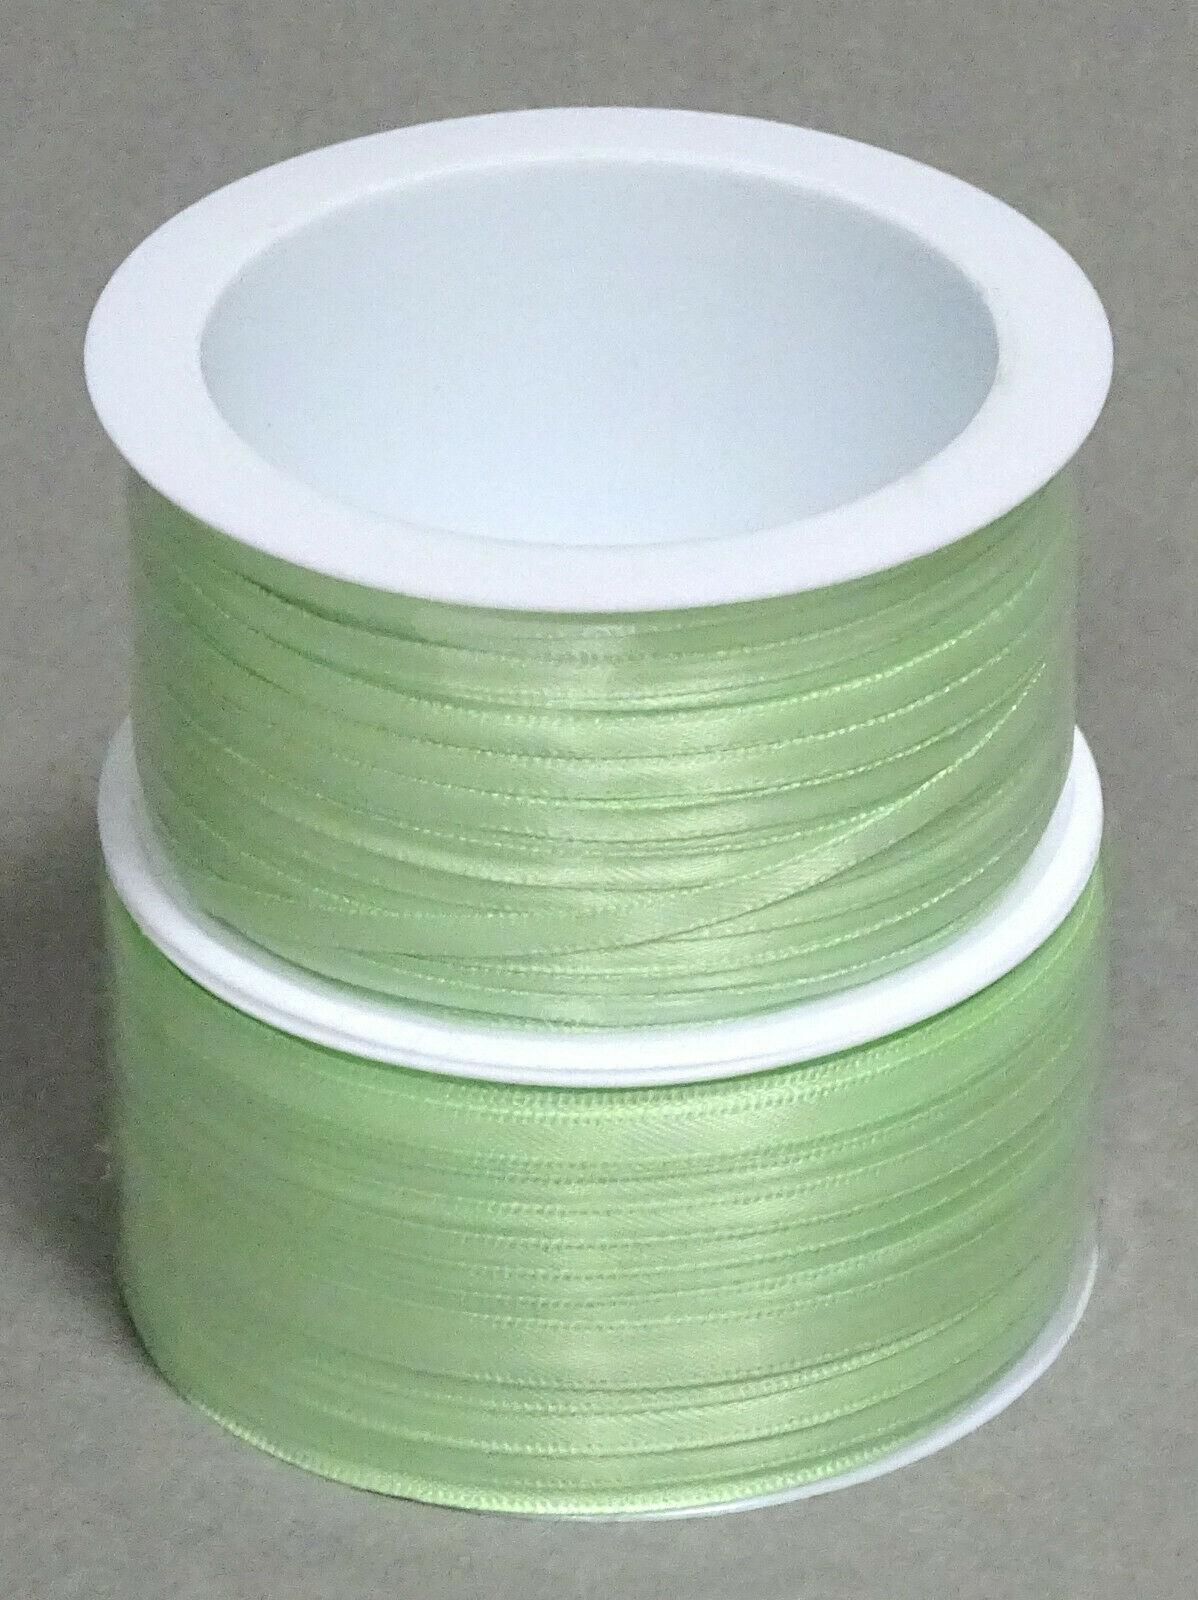 Satinband Schleifenband 50m x 3mm / 6mm Dekoband ab 0,05 €/m Geschenkband Rolle - Lindgrün 109, 6 mm x 50 m